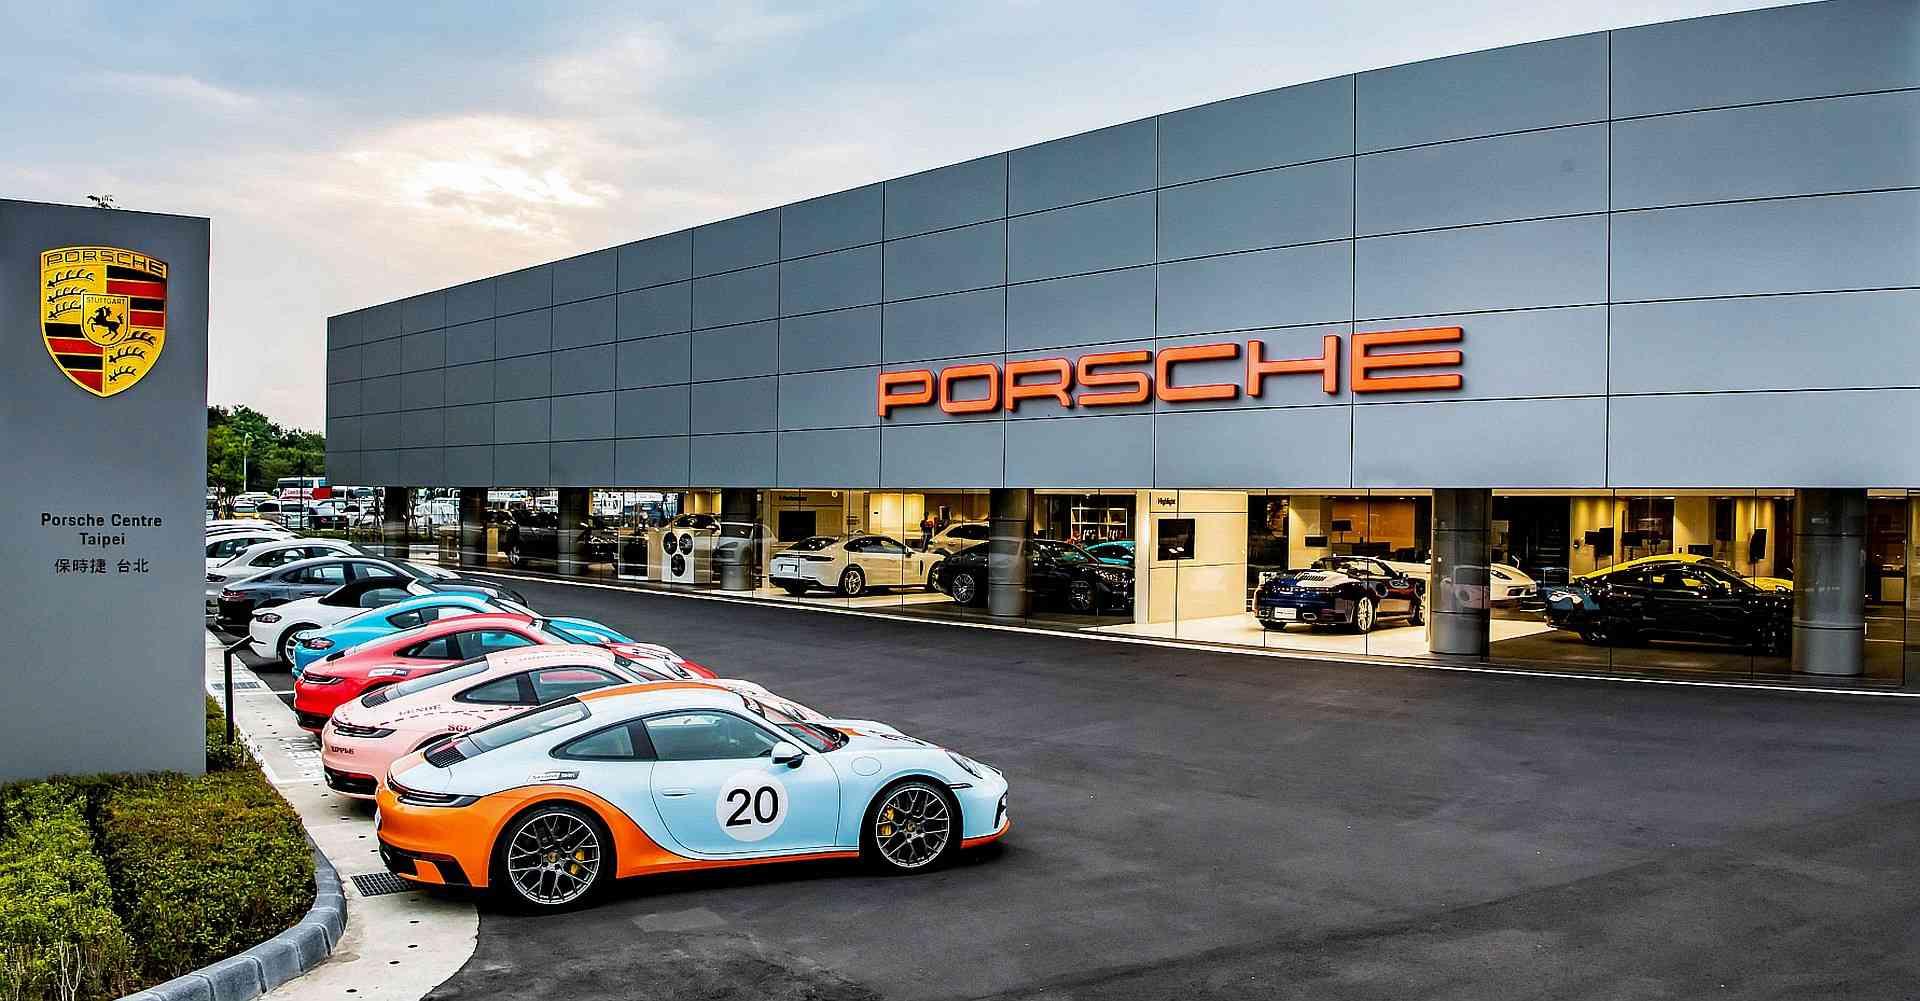 全台首座以Destination Porsche概念打造的展間—台北保時捷中心(Porsche Center Taipei)隆重開幕